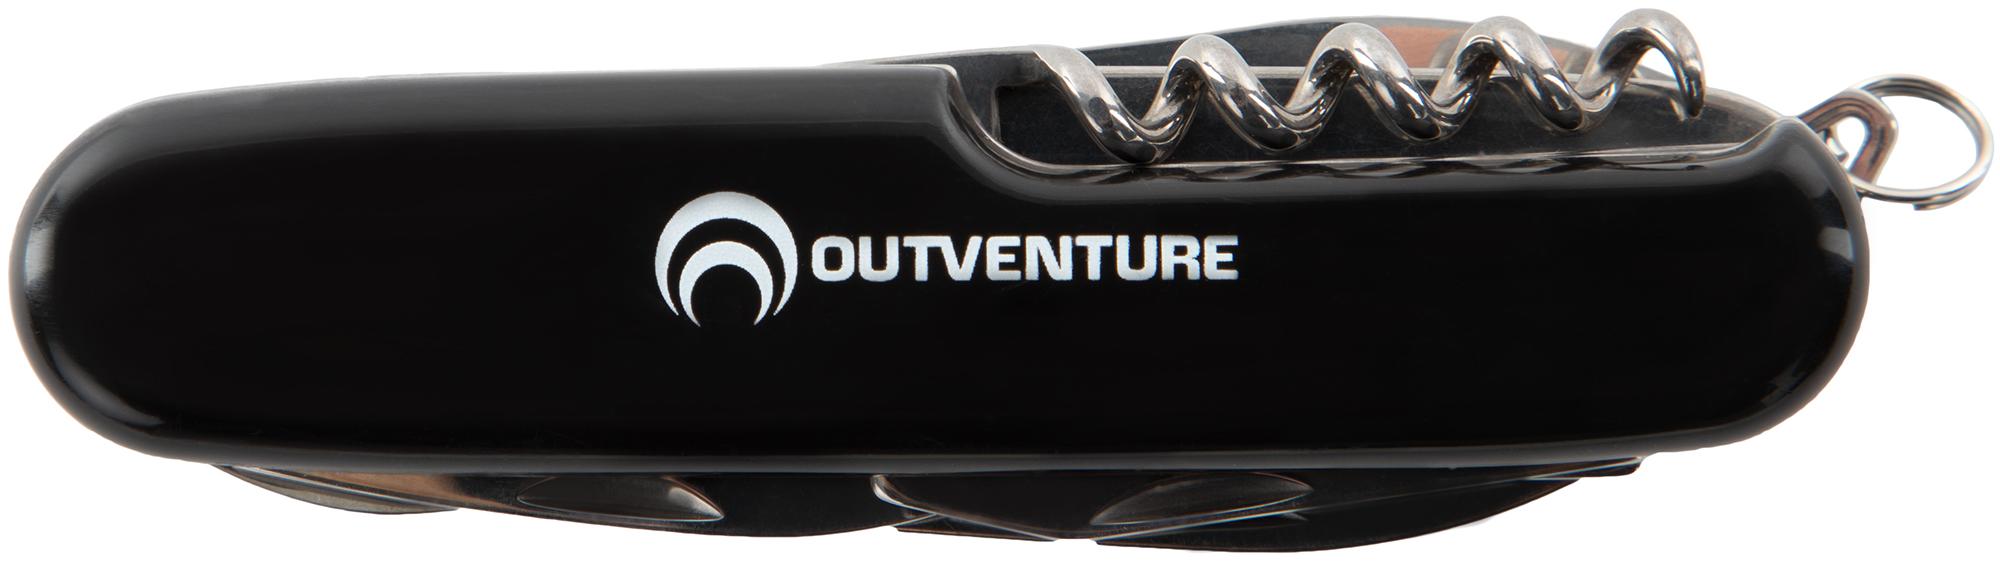 Outventure Набор инструментов многофункциональный Outventure набор инструментов sata 09510 150пр универсальный metric